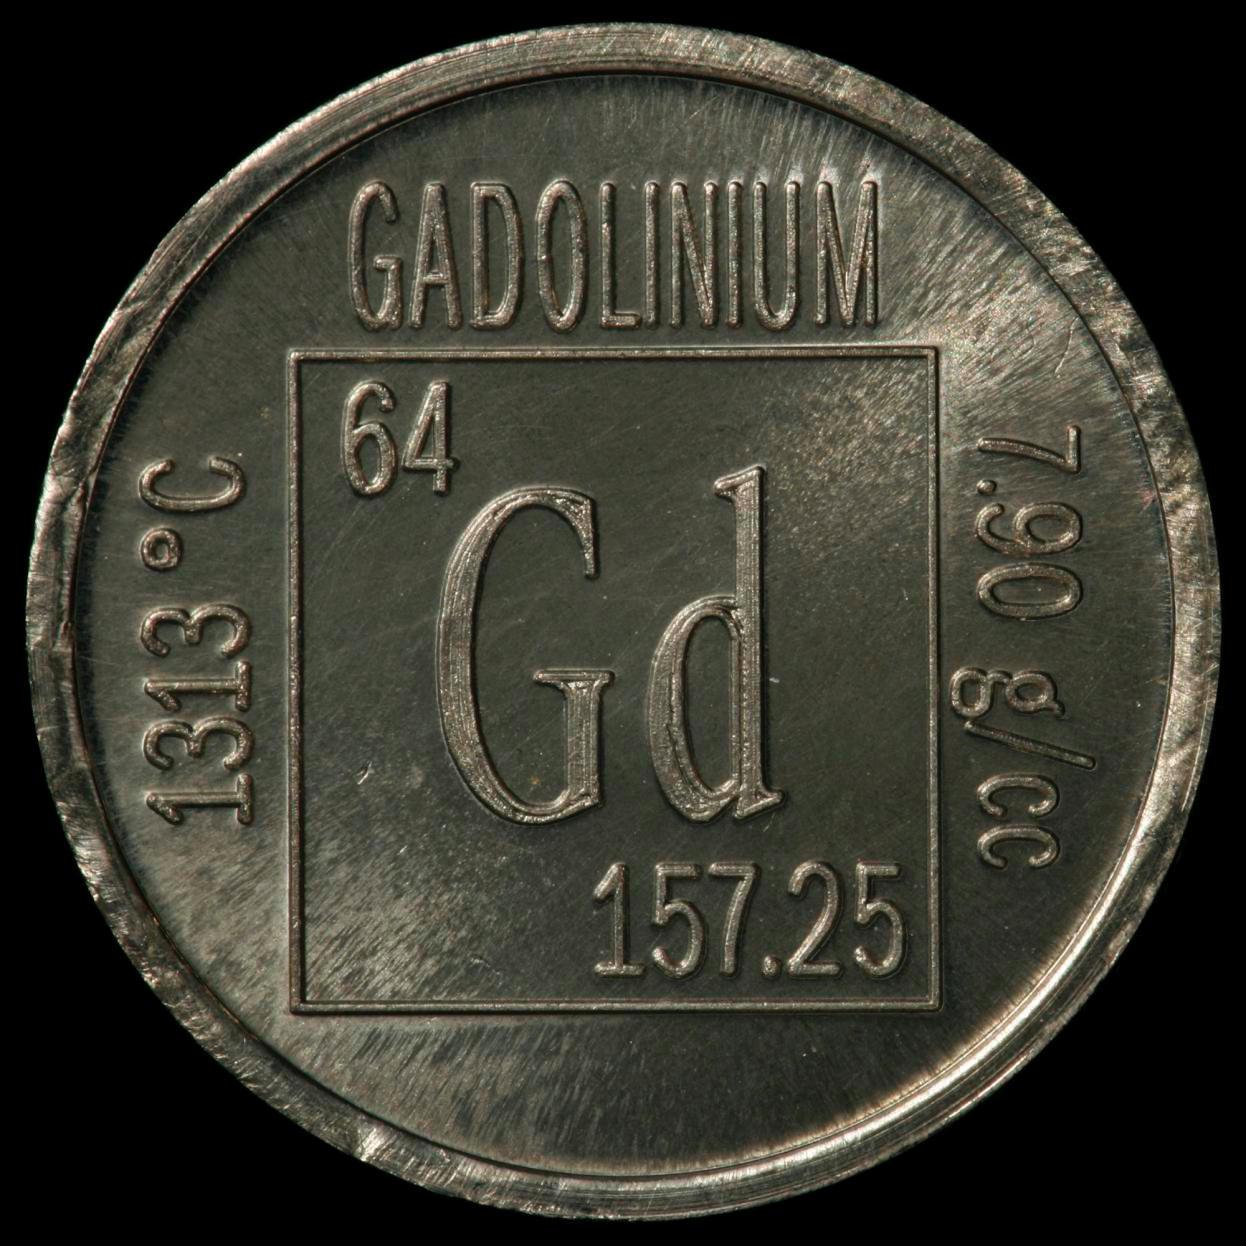 Gadolinium Element coin  Iridium Coin